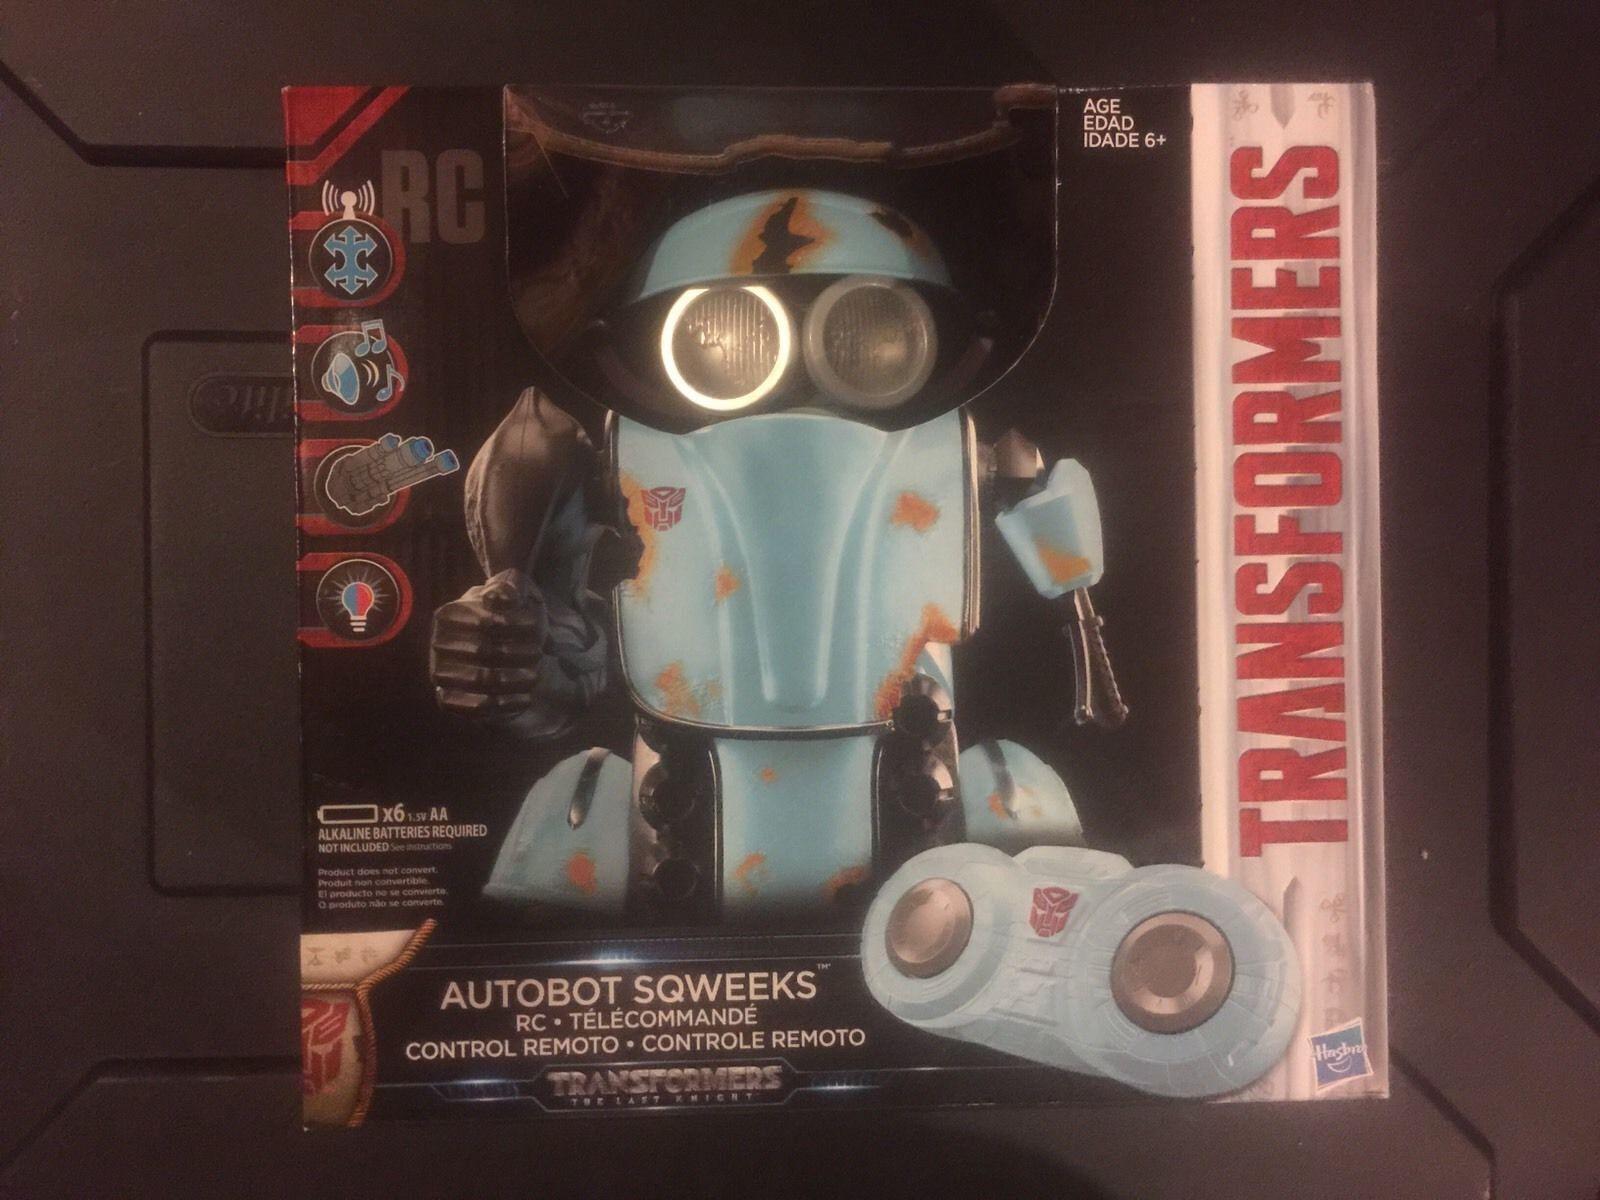 Neue versiegelt transformatoren der letzte ritter autobot - sqweeks rc ferngesteuerte roboter